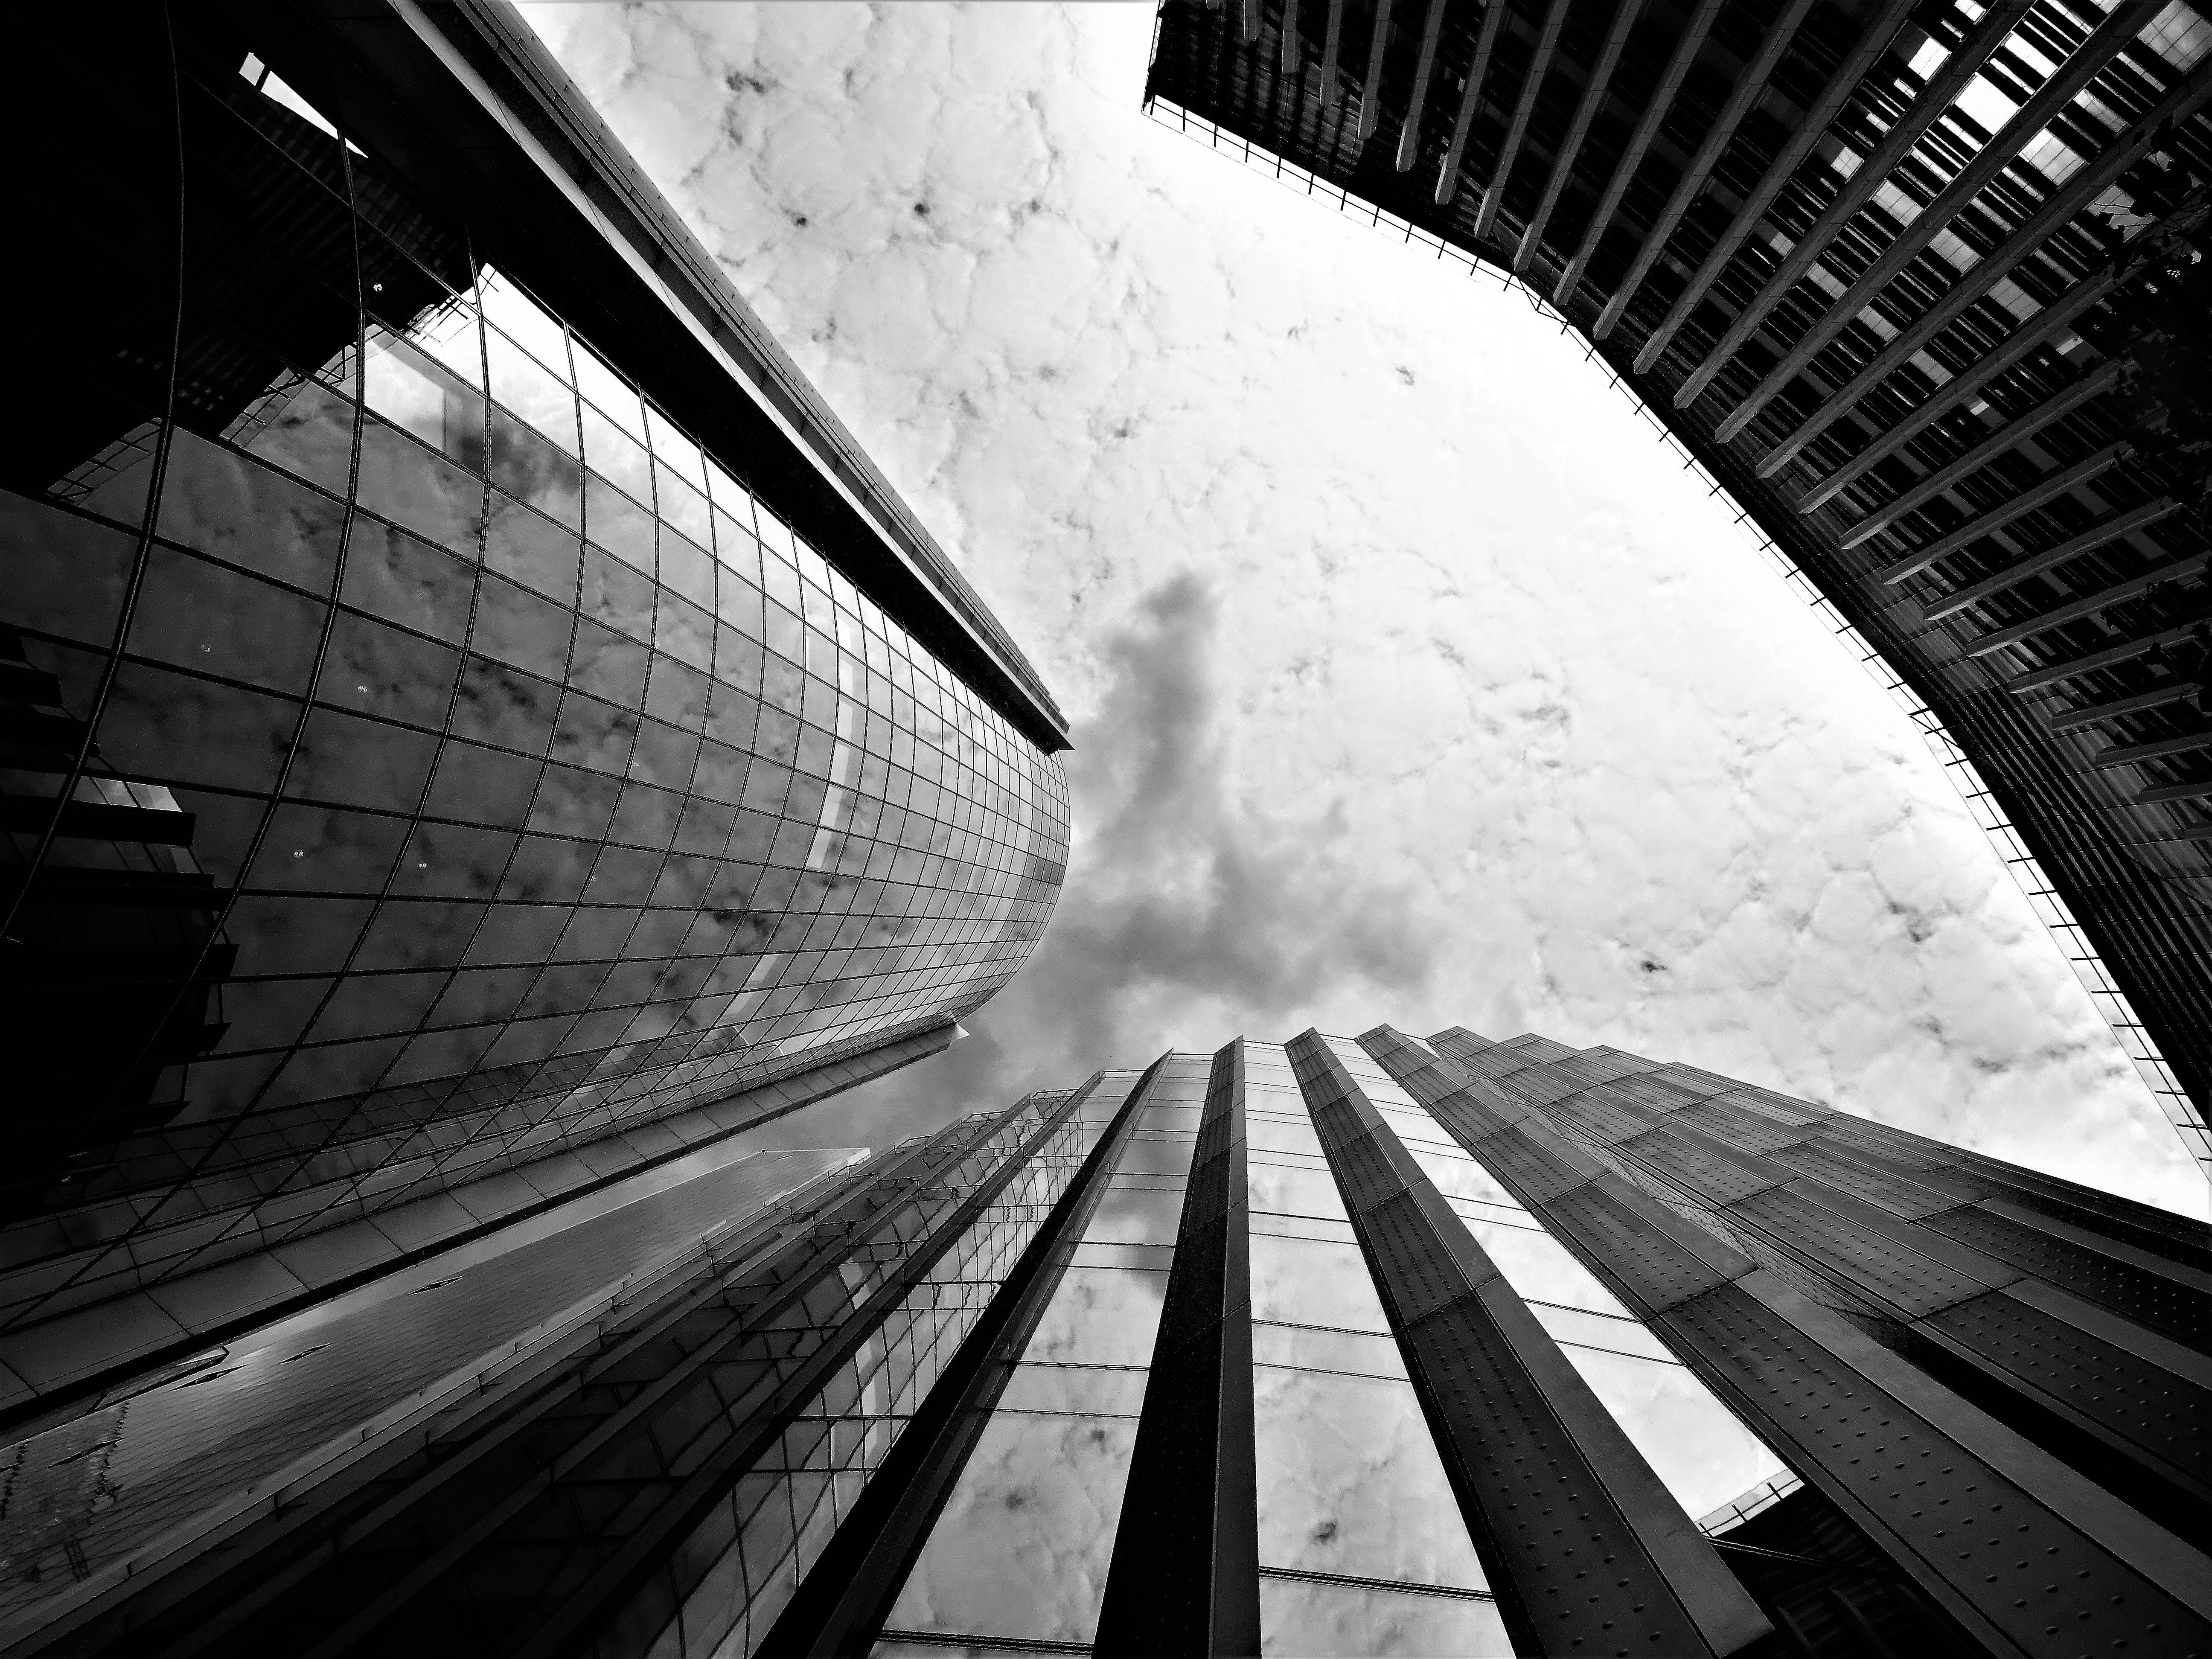 강철, 건물, 건물 외관, 건축의 무료 스톡 사진